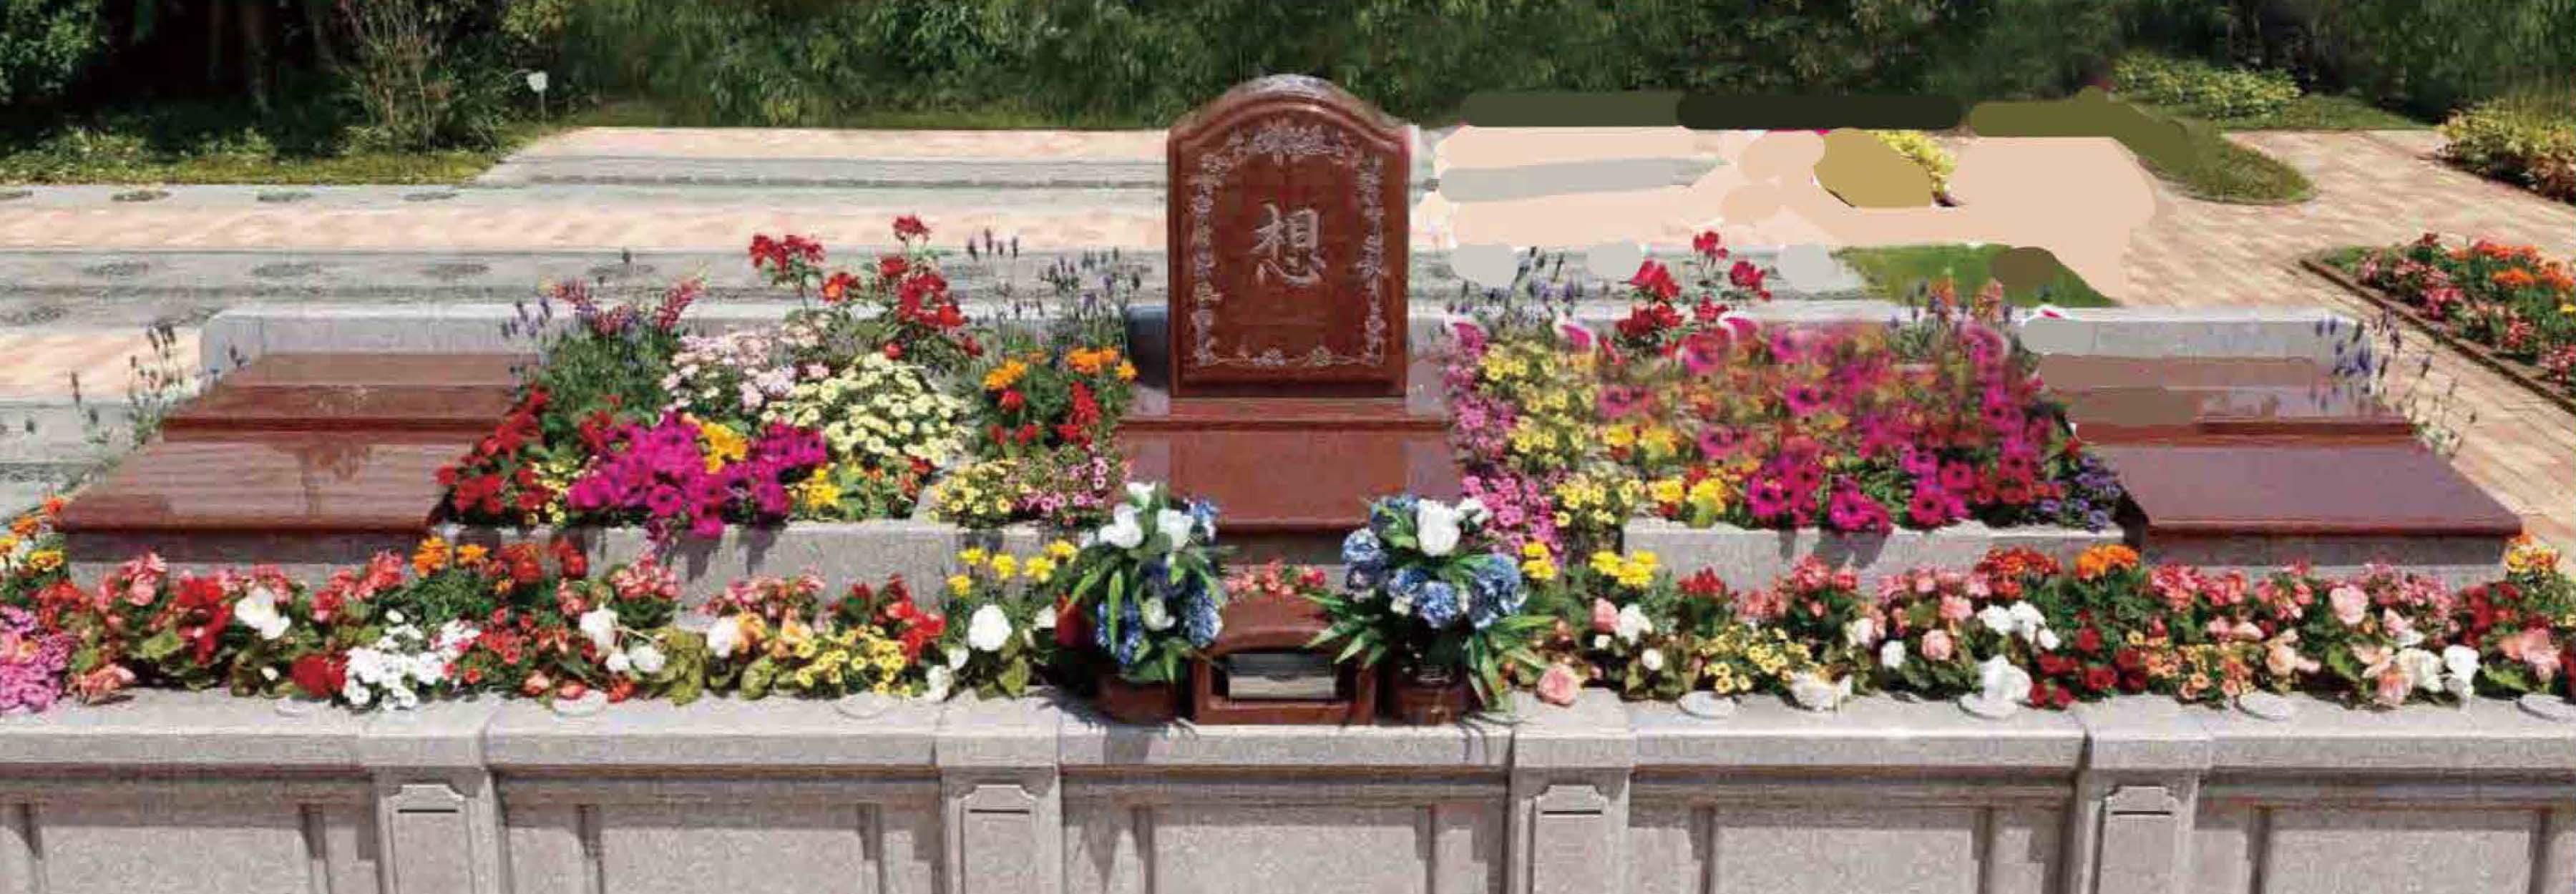 都市型花壇墓